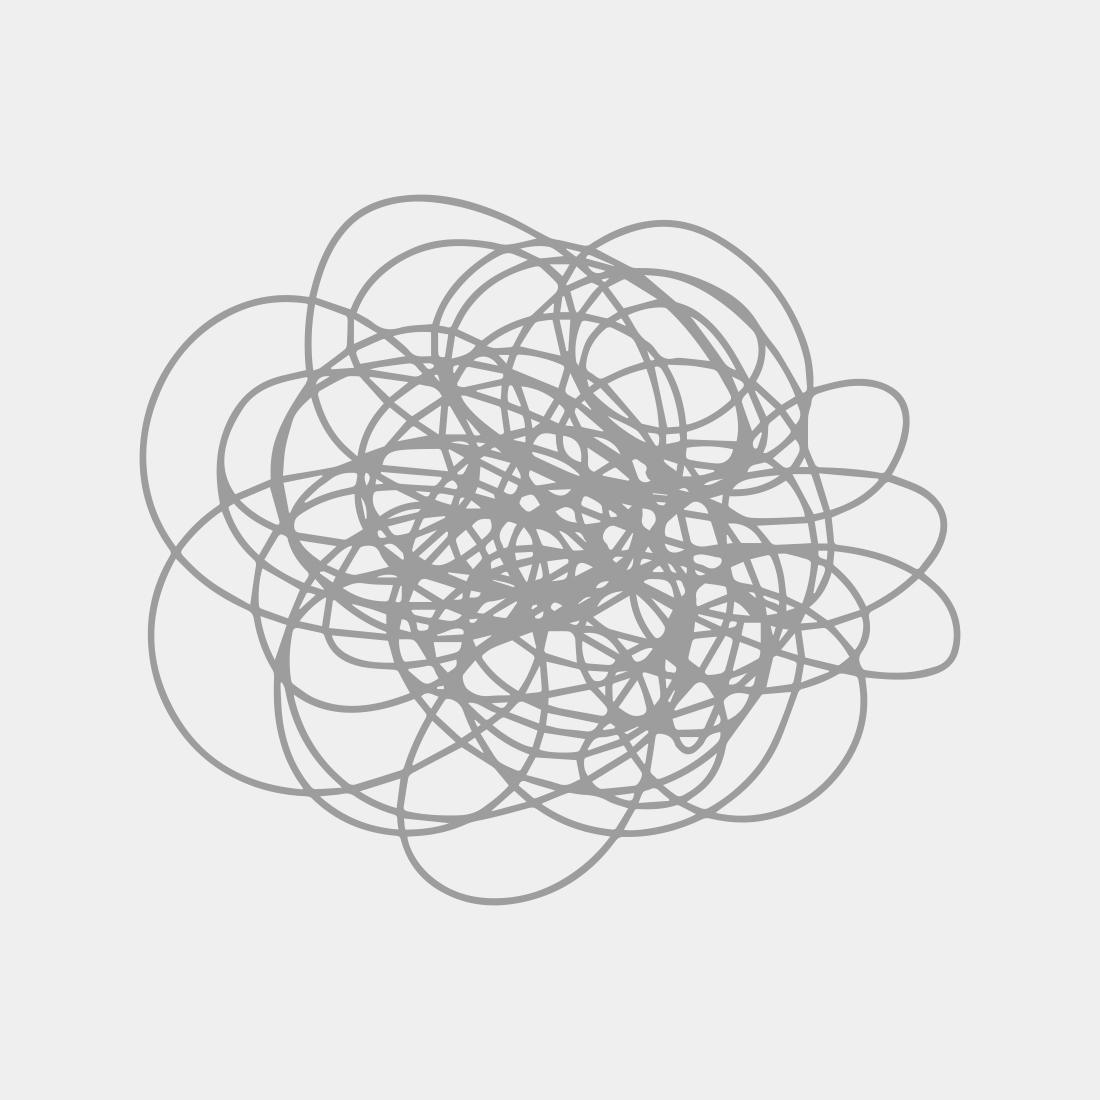 Apocalypse Exhibition Poster, 2000